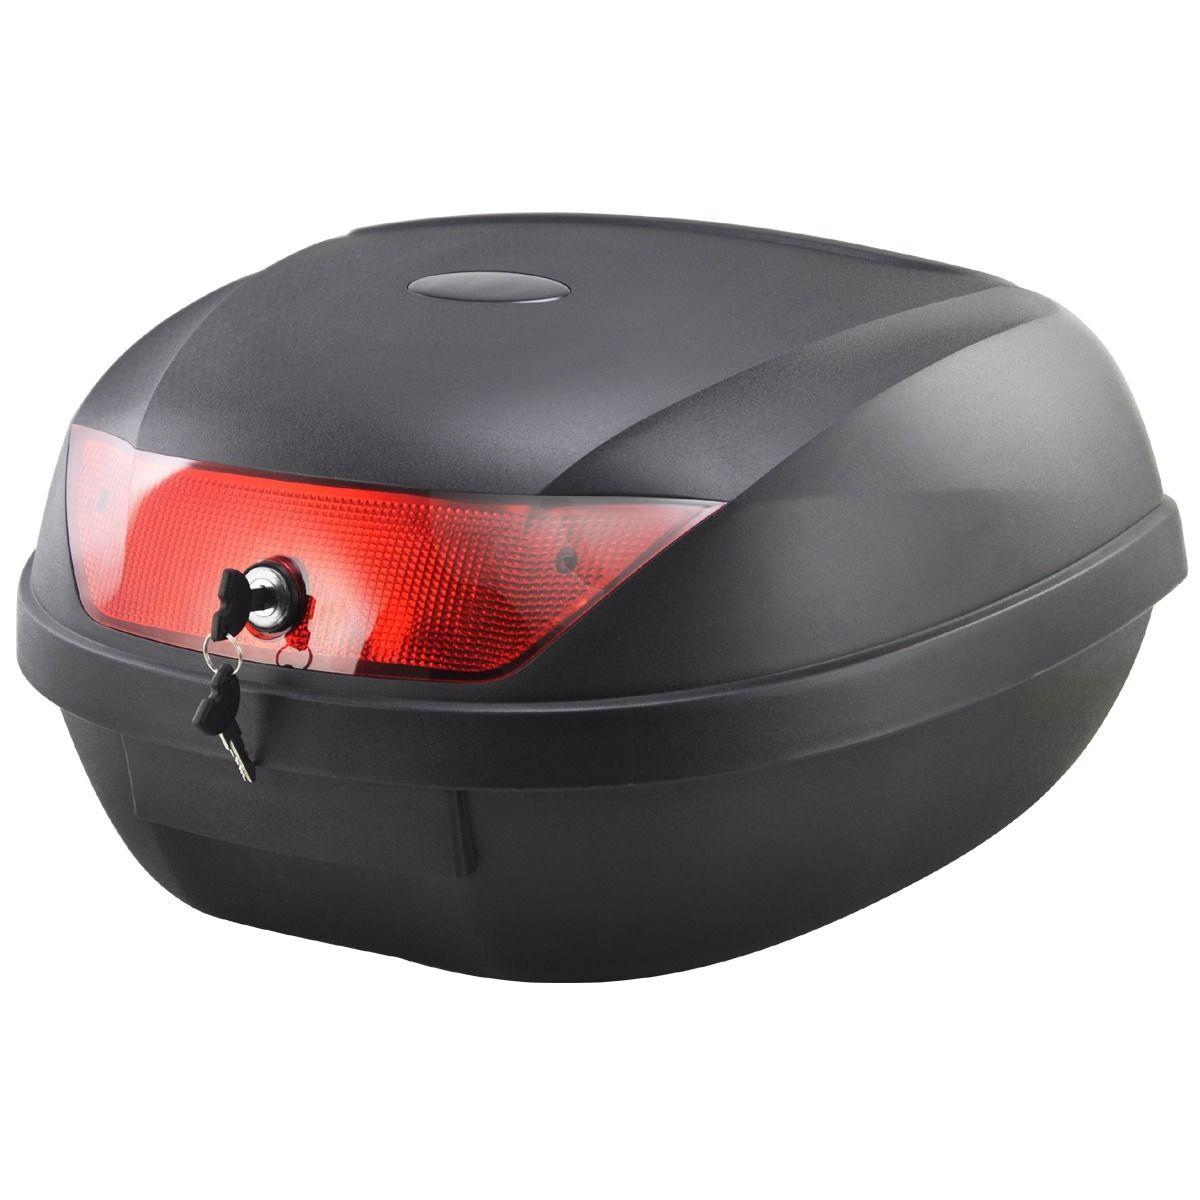 Горячая распродажа! Мотоцикл черный 51 л телеприставку чехол багажа для 2 шлем